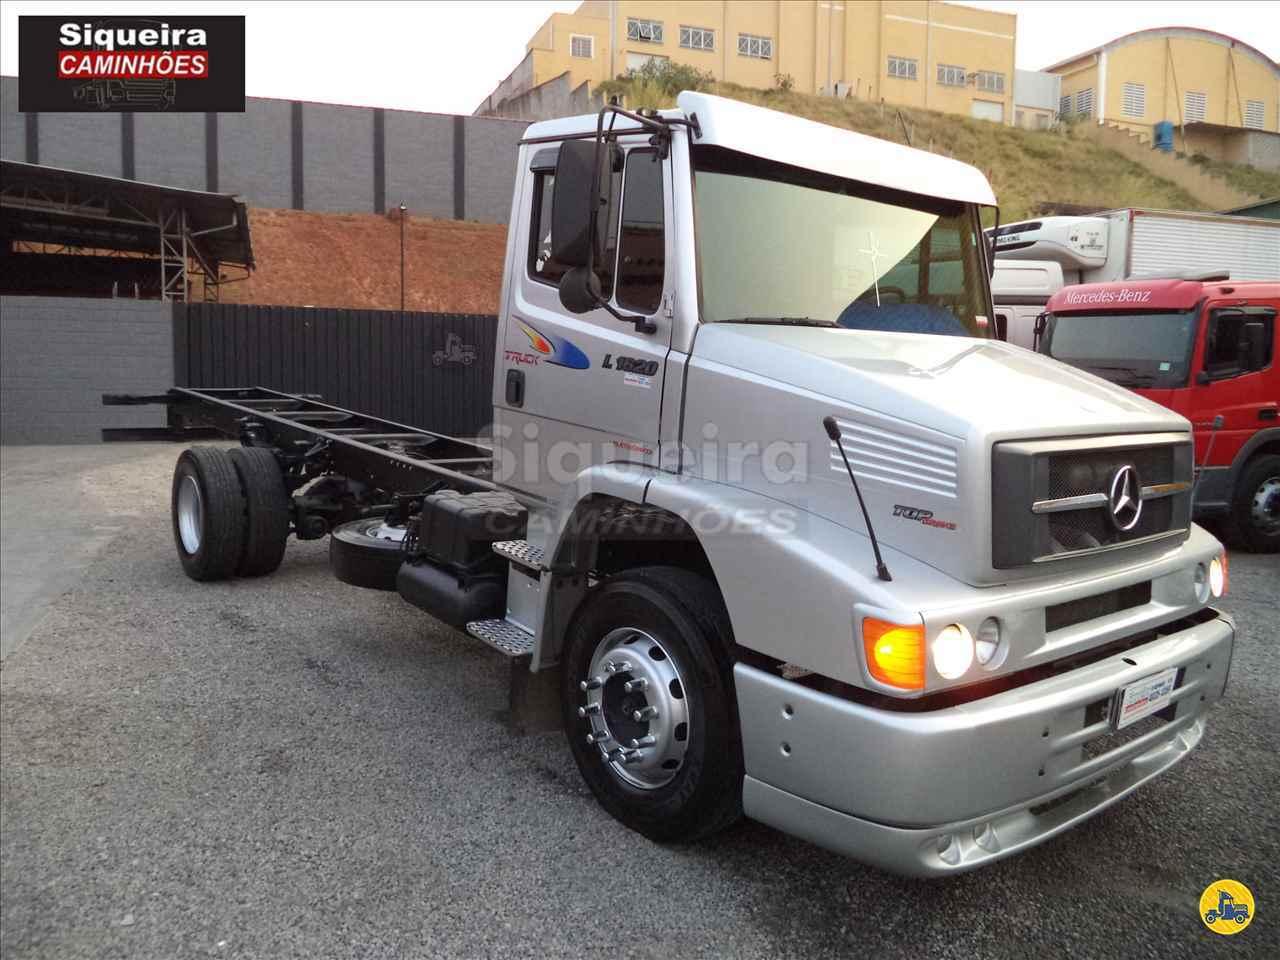 CAMINHAO MERCEDES-BENZ MB 1620 Chassis Toco 4x2 Siqueira Caminhões BRAGANCA PAULISTA SÃO PAULO SP